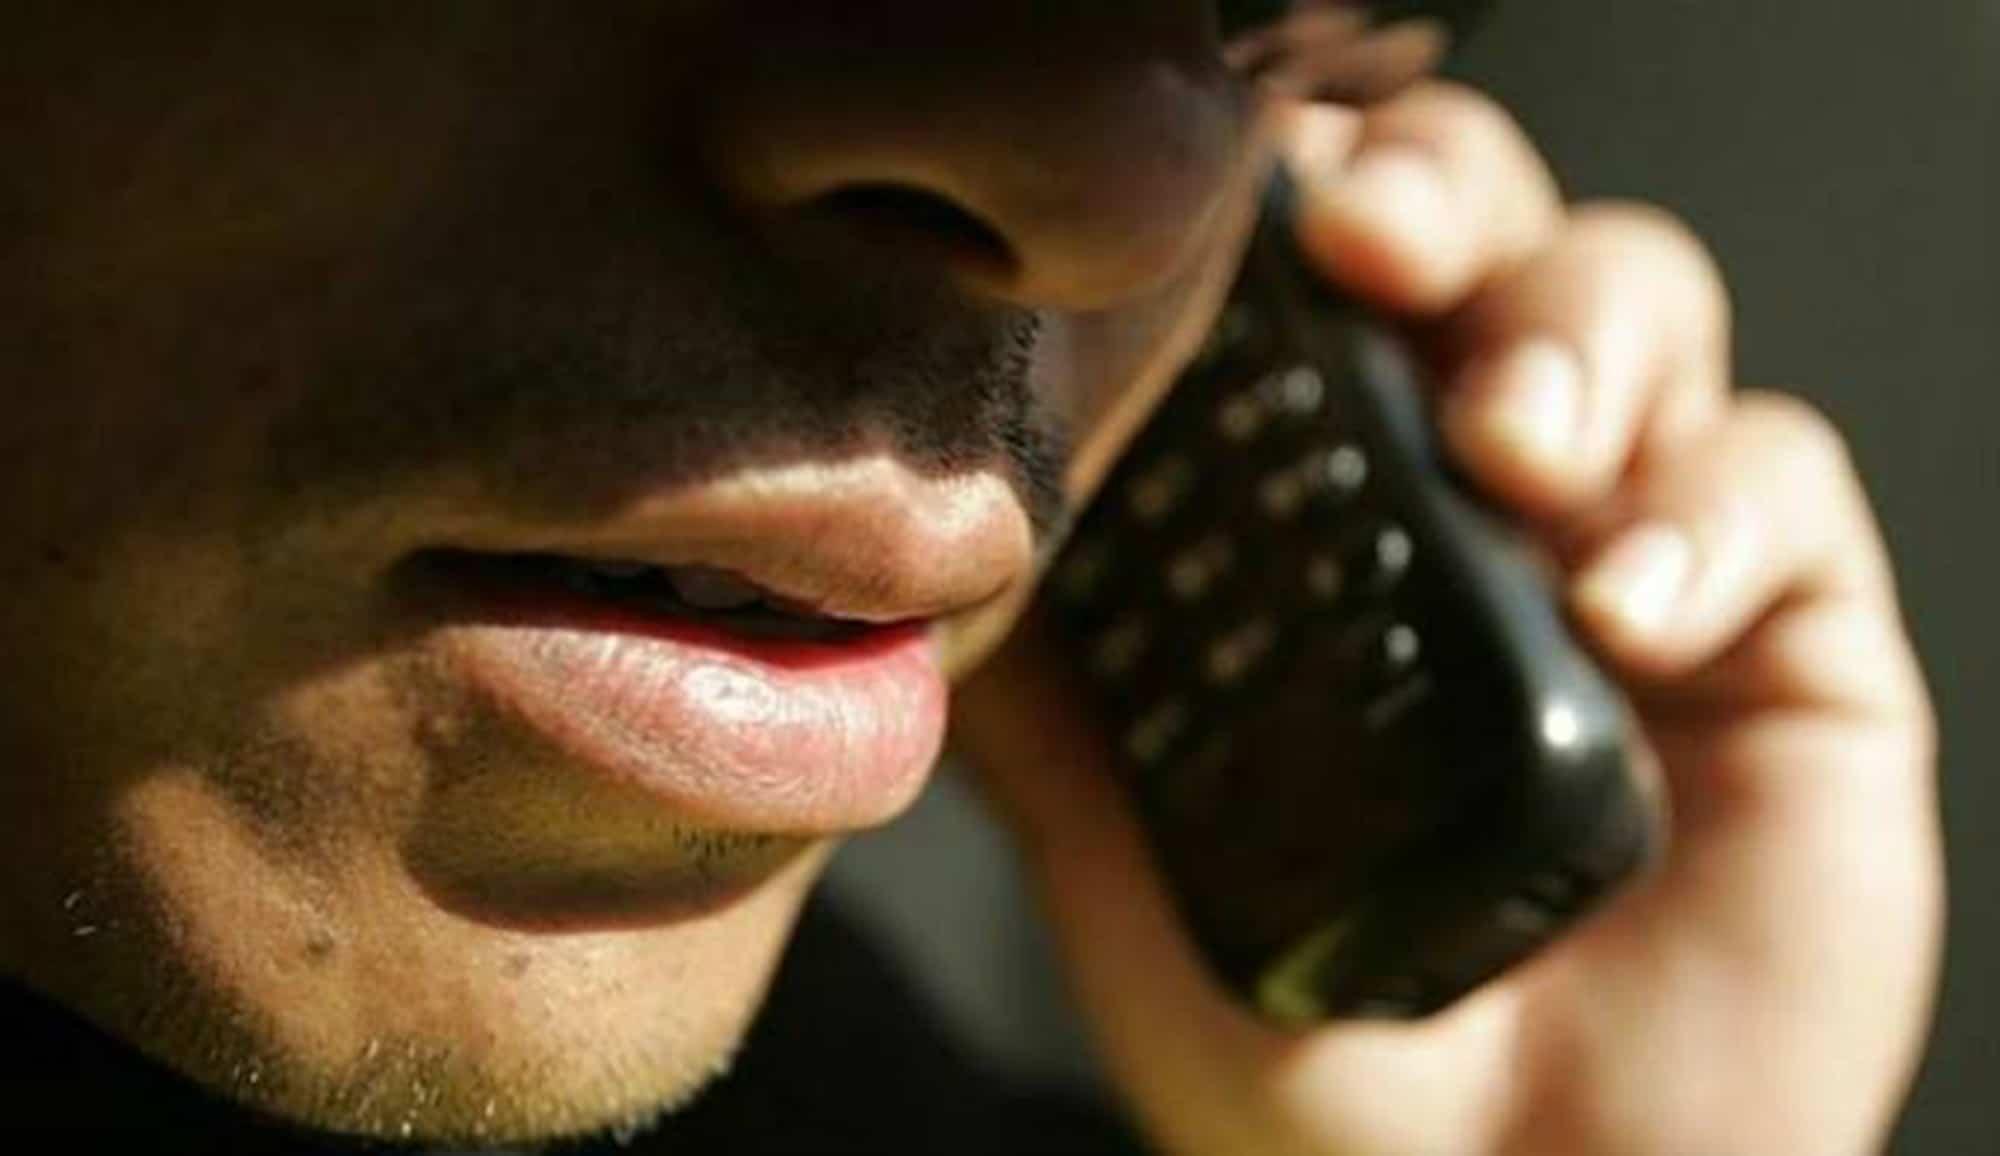 organismos-empresariales-llaman-a-no-caer-en-extorsiones-telefonicas